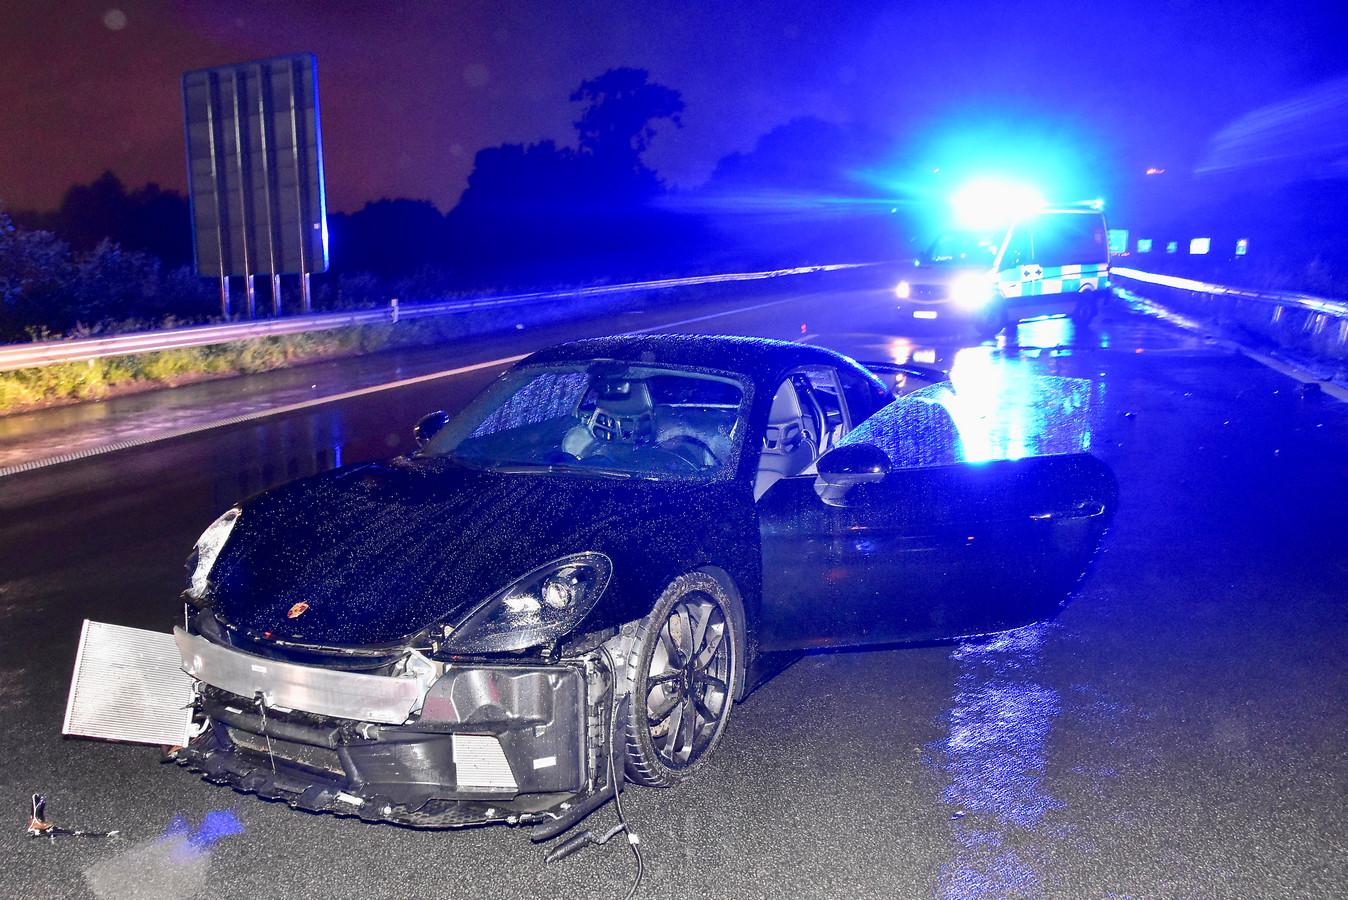 De exclusieve Porsche liep zware schade op bij het ongeval langs de E403 in Roeselare.